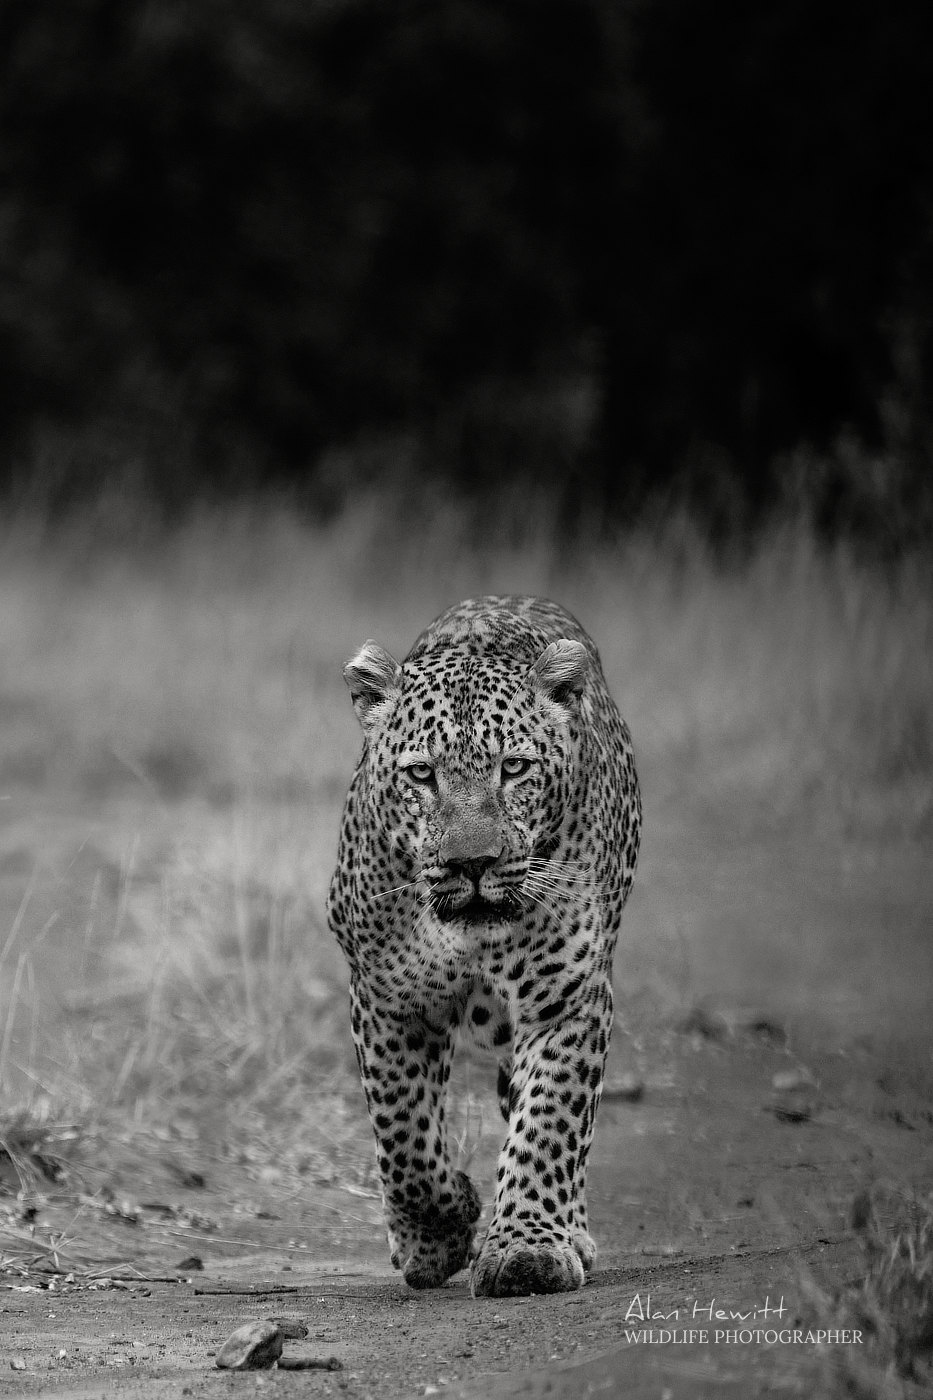 Giraffe Maasai Mara African Photography Safari Alan Hewitt